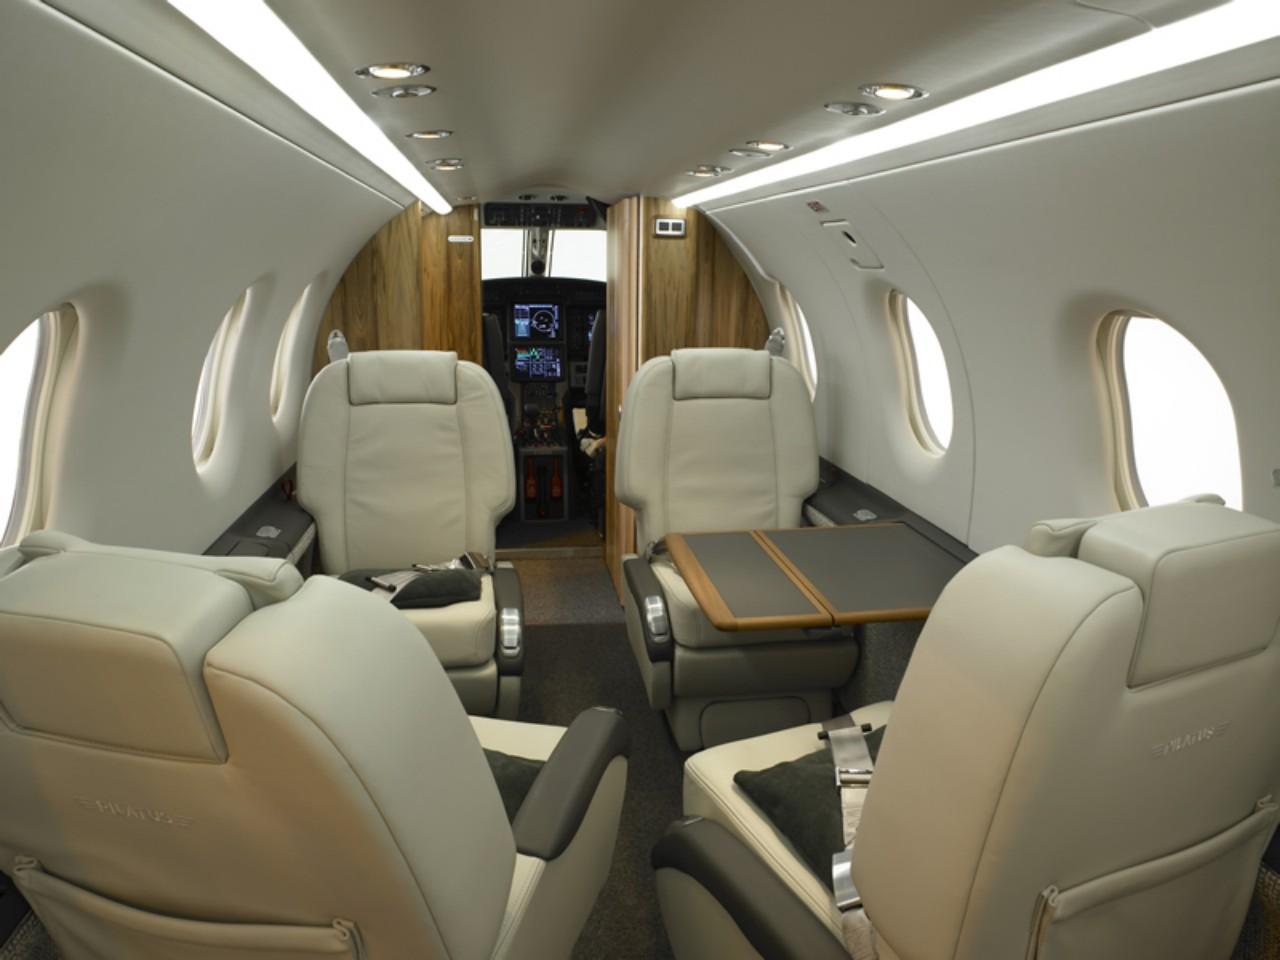 Flugzeugsitzüberzüge für Economy-, Business- und First-Class, Kabinenvorhänge, Headrests, Sitzüberzüge für Bahnen, Sitzü